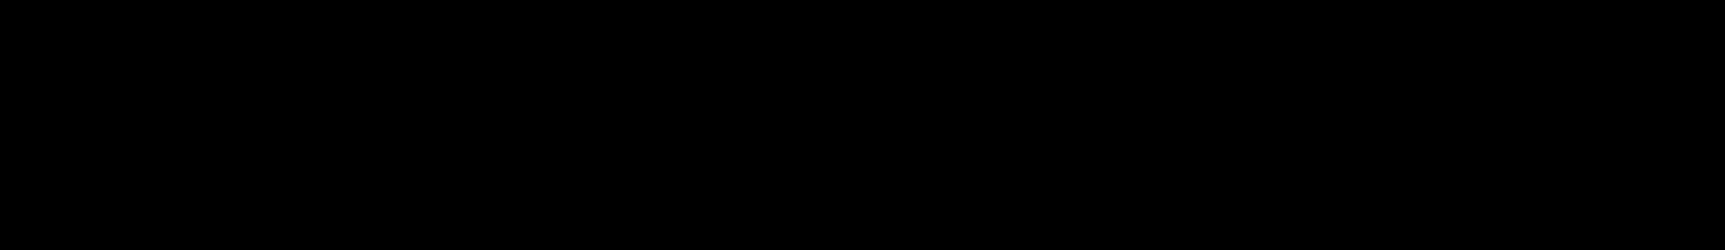 有限会社モリシゲ物産のロゴ